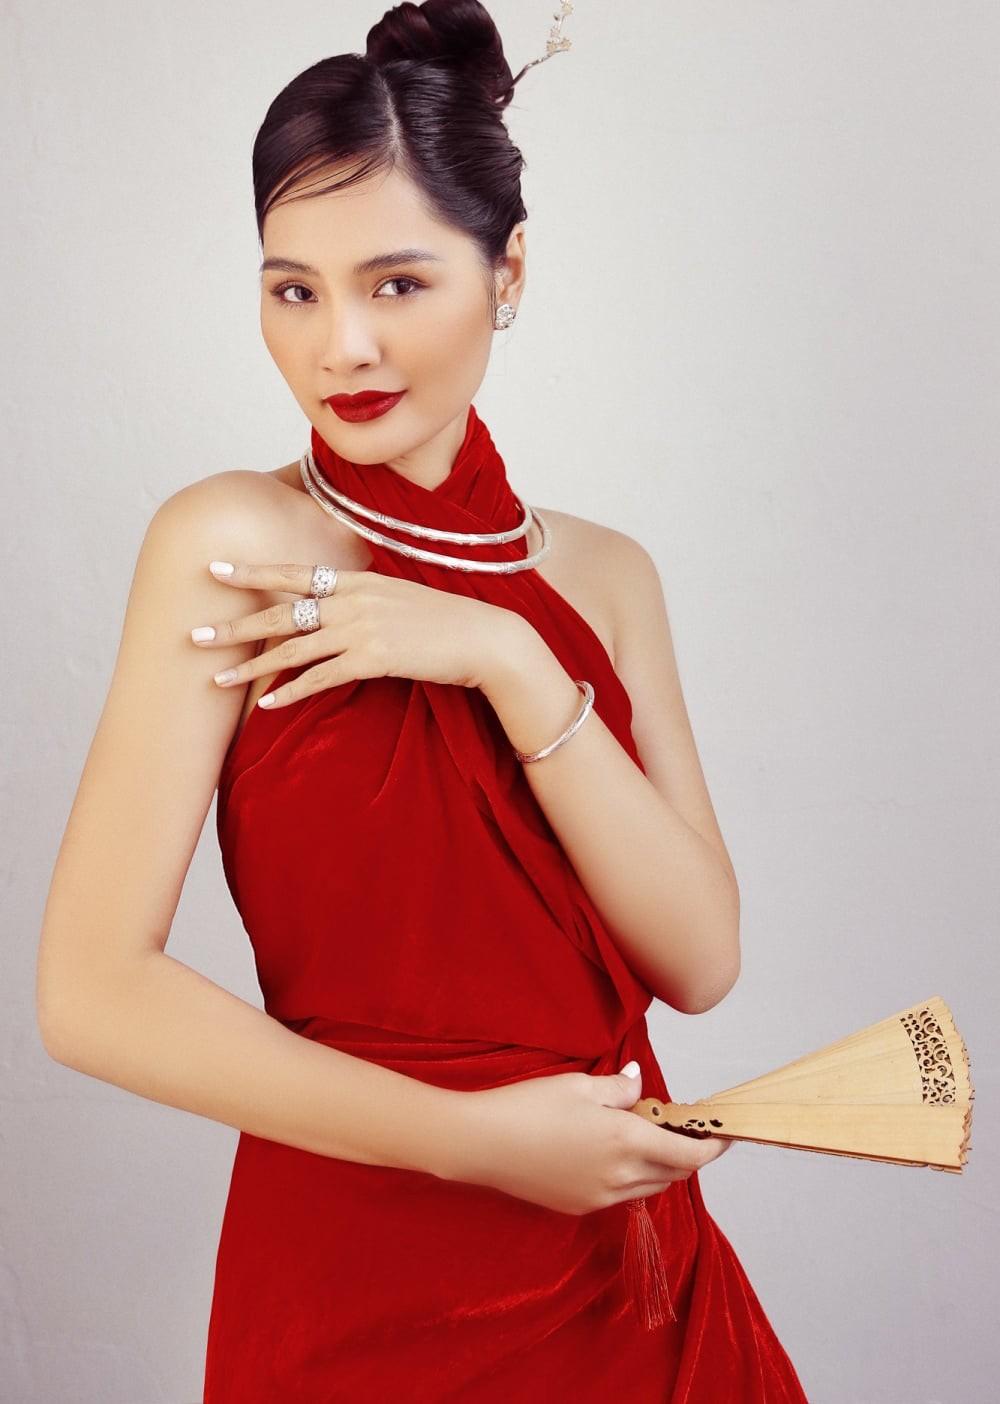 """""""Hoa hậu đẹp nhất châu Á 2009"""" Hương Giang đẹp gợi cảm hút hồn sau 11 năm kết hôn ảnh 1"""